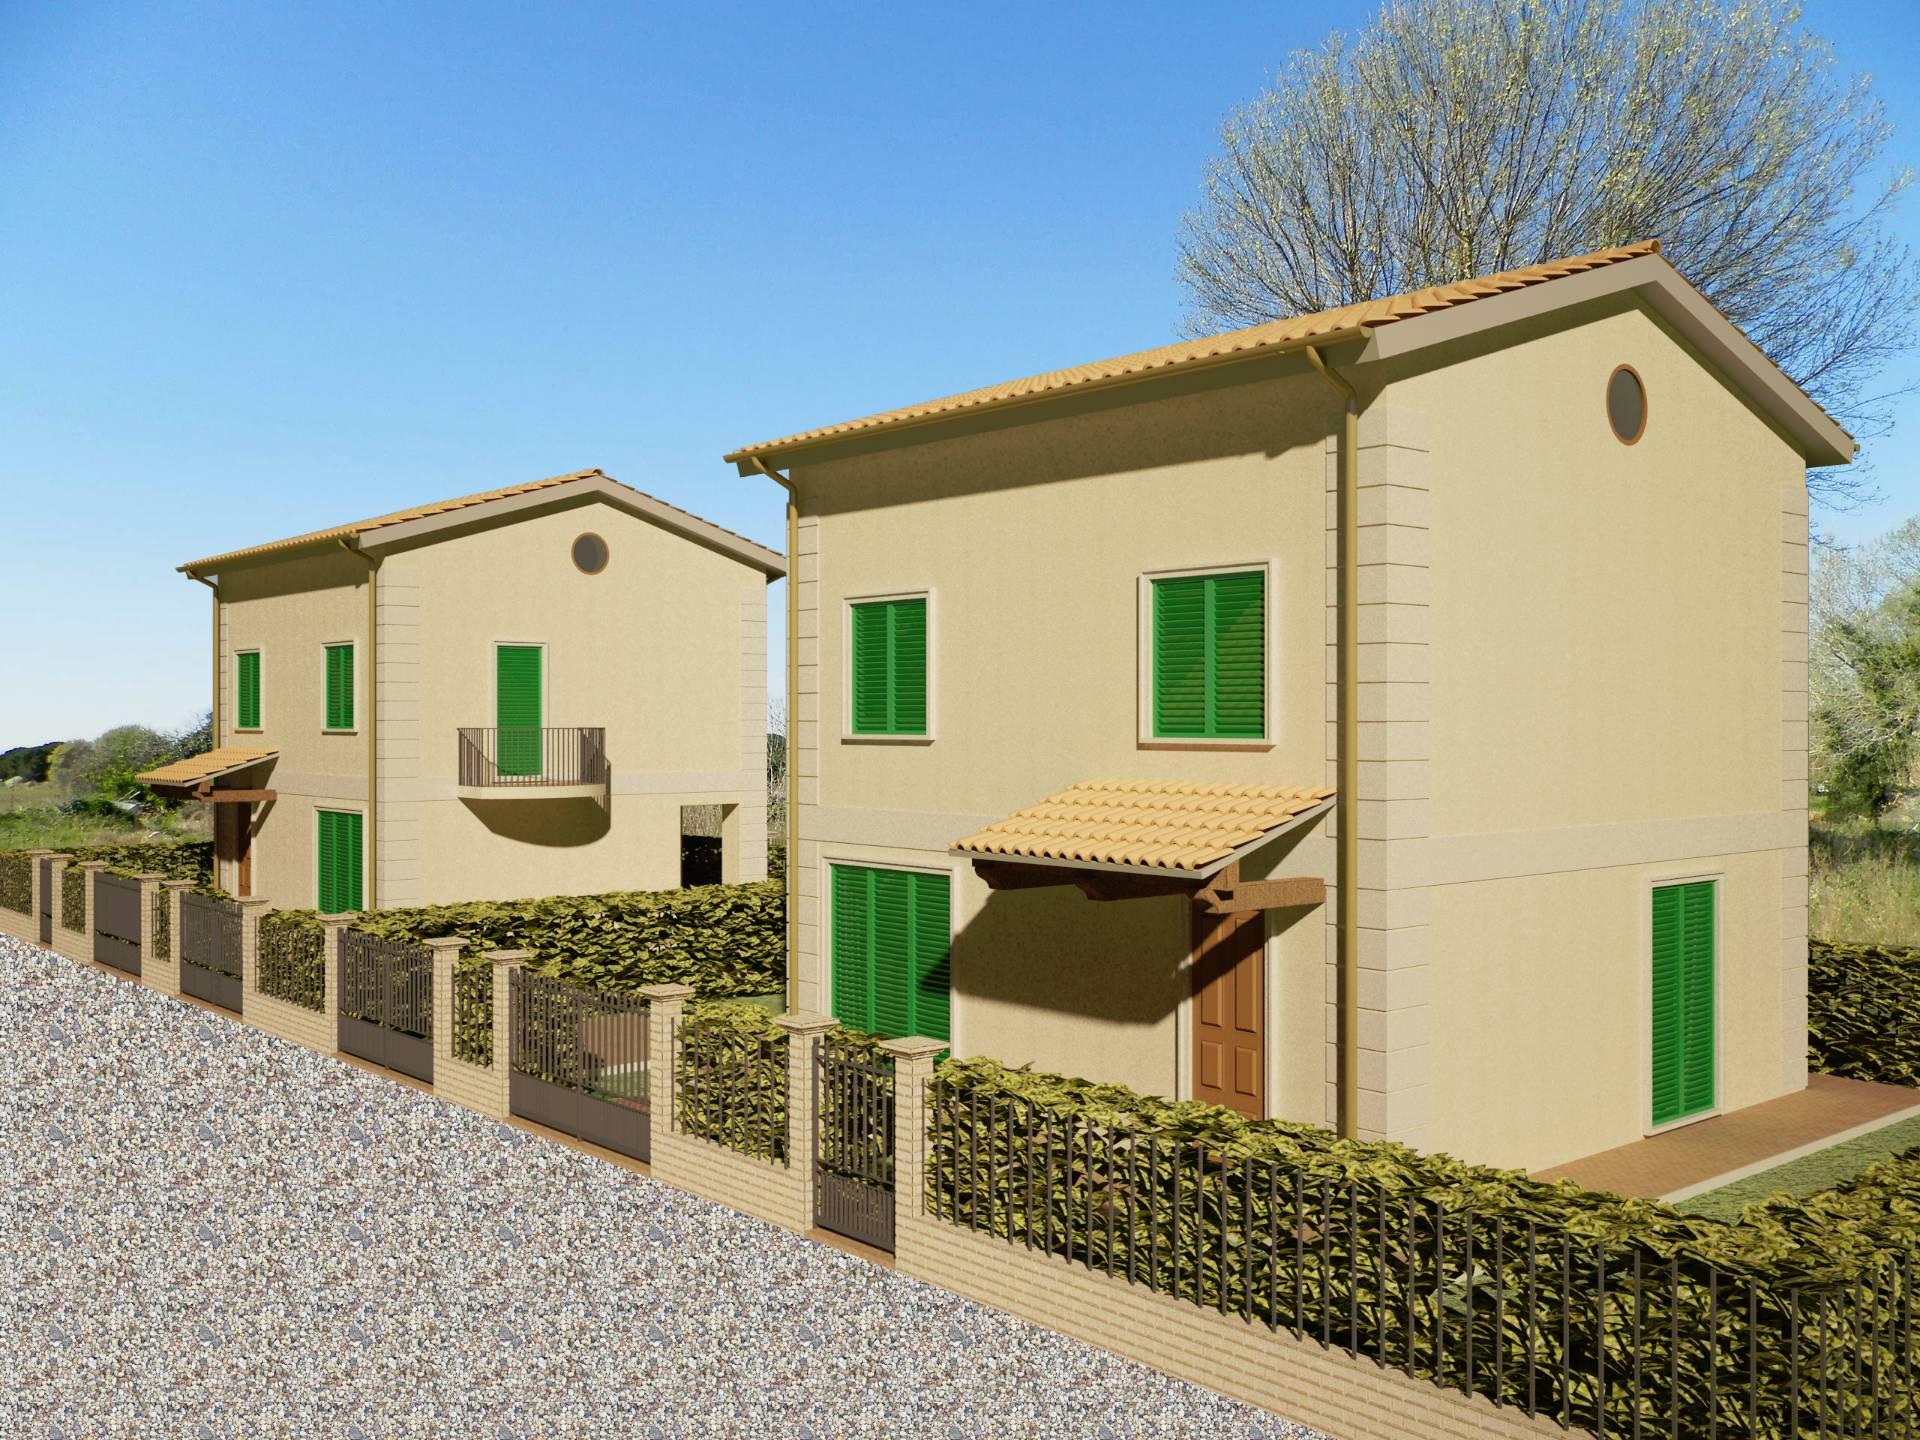 Terreno Edificabile Residenziale in vendita a Pisa, 9999 locali, zona Zona: Barbaricina, prezzo € 165.000 | Cambio Casa.it